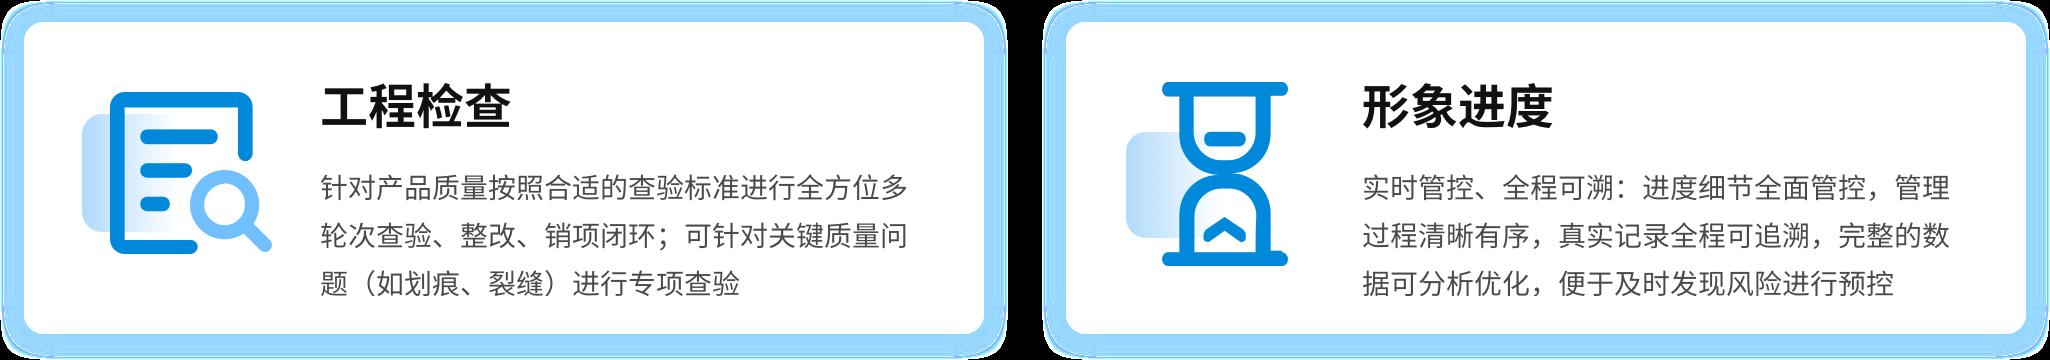 推荐功能-编组 15@2x